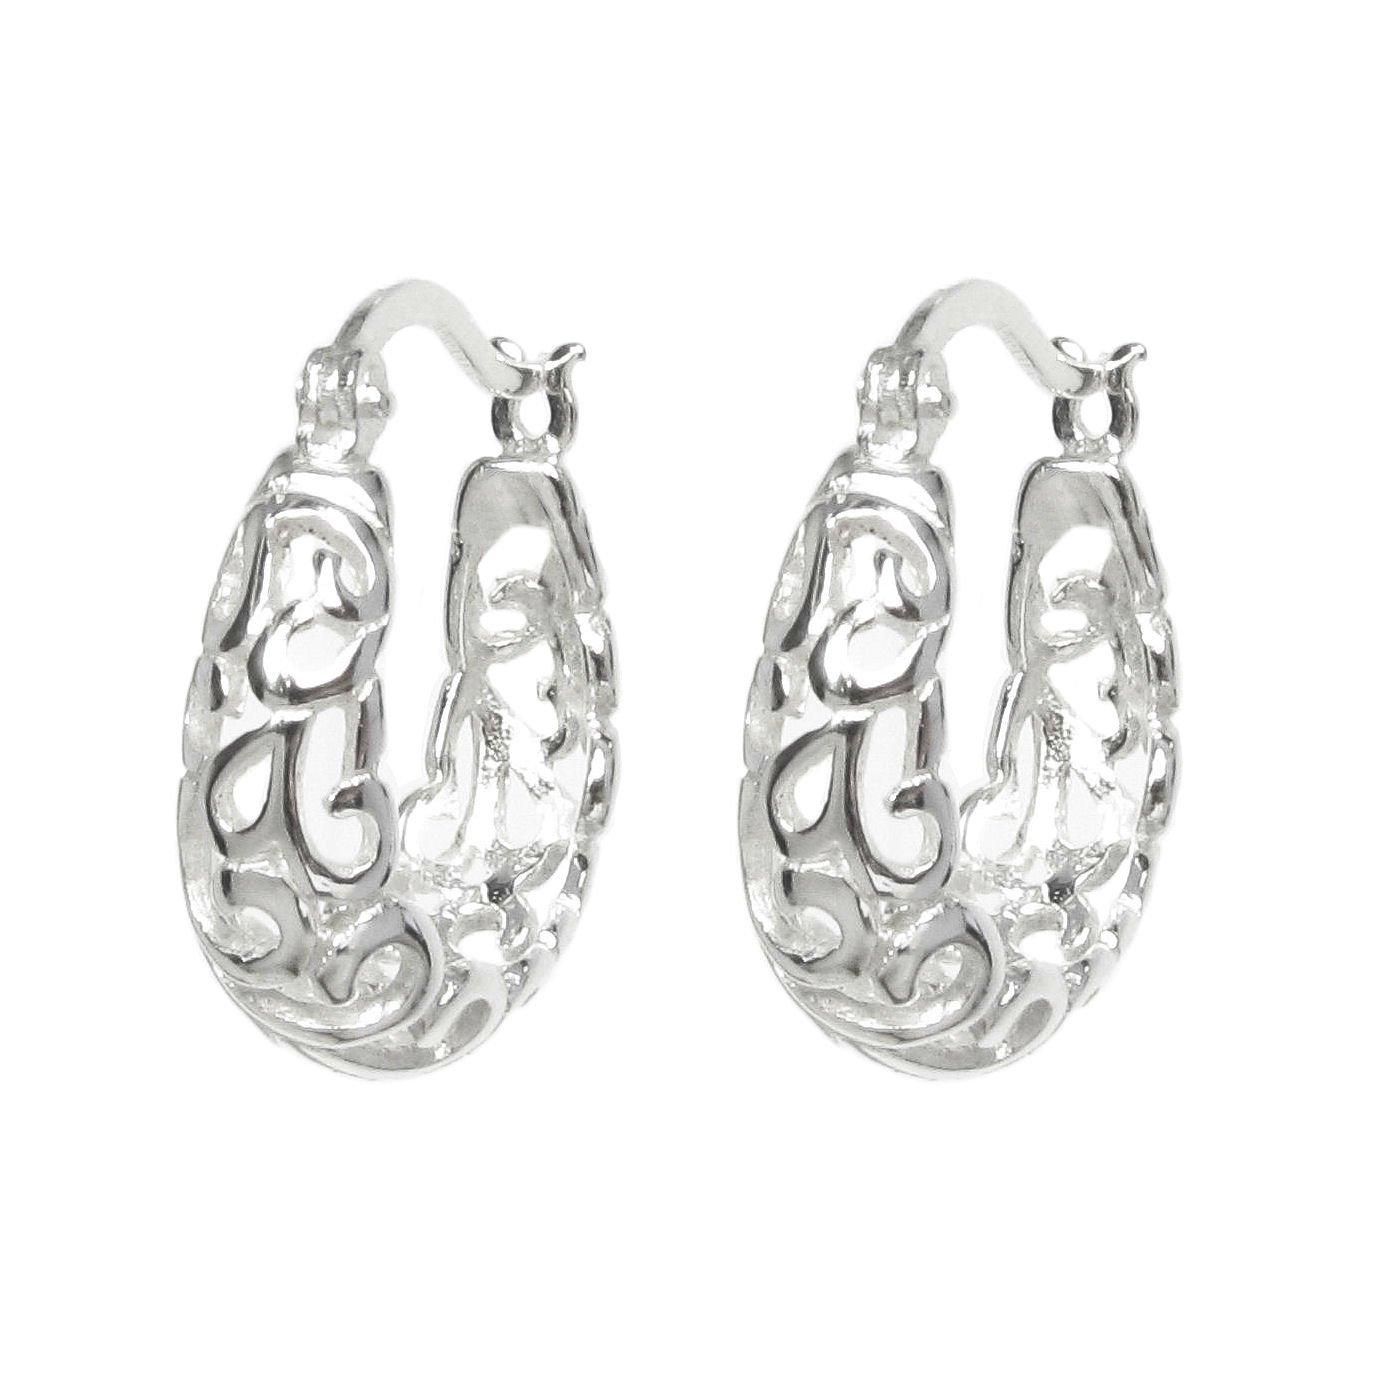 Queenberry 925 Sterling Silver Filigree Flower Ring Hoop Huggie Earrings QE1059-SX2